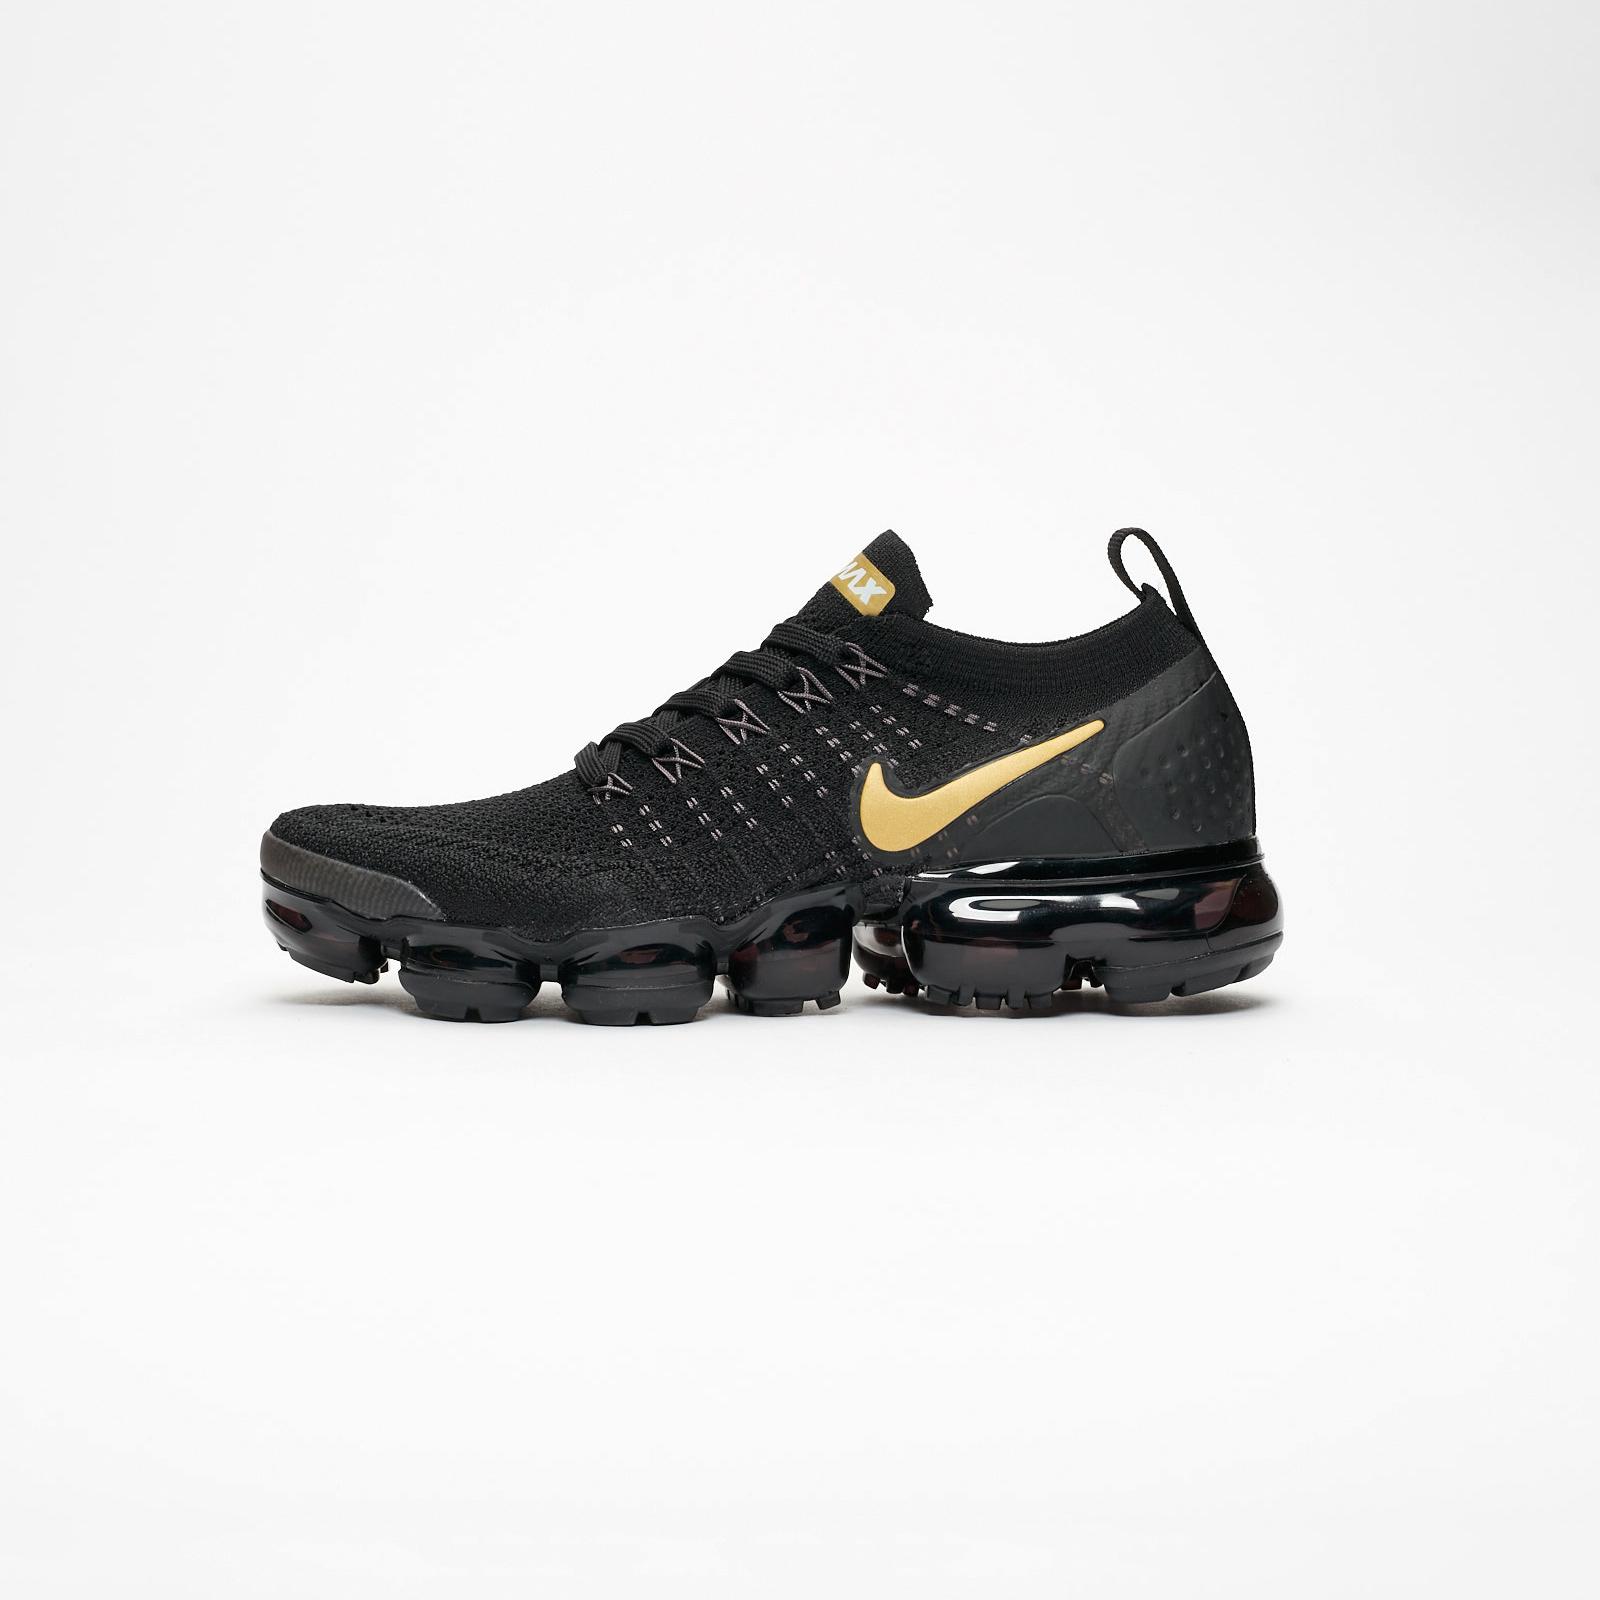 a270ef18700e4 Nike Wmns Air Vapormax Flyknit 2 - 942843-012 - Sneakersnstuff ...